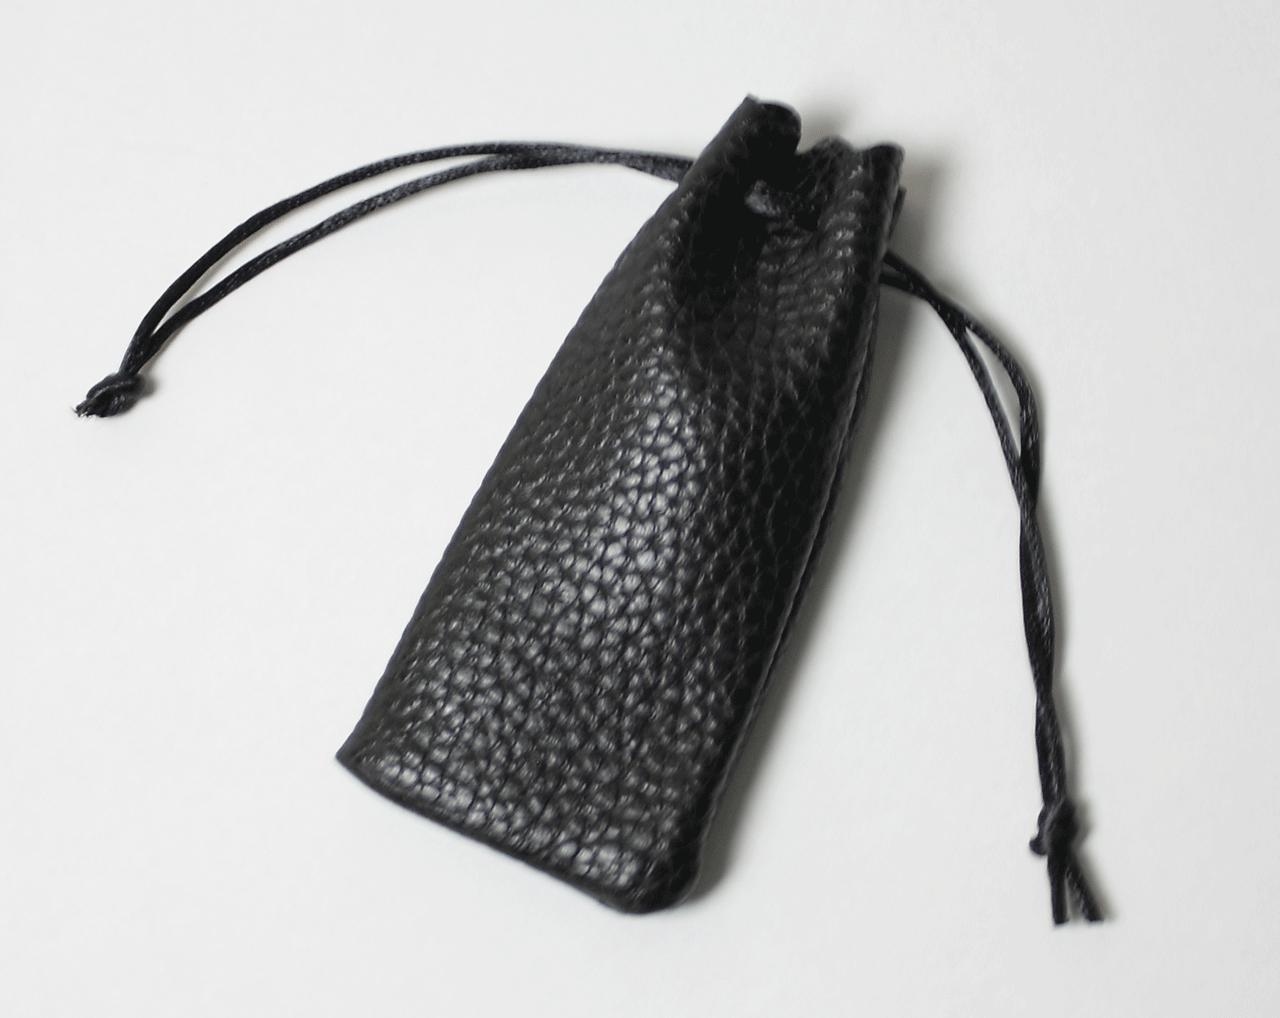 法人角印 オランダ水牛(天角) 21.0mm